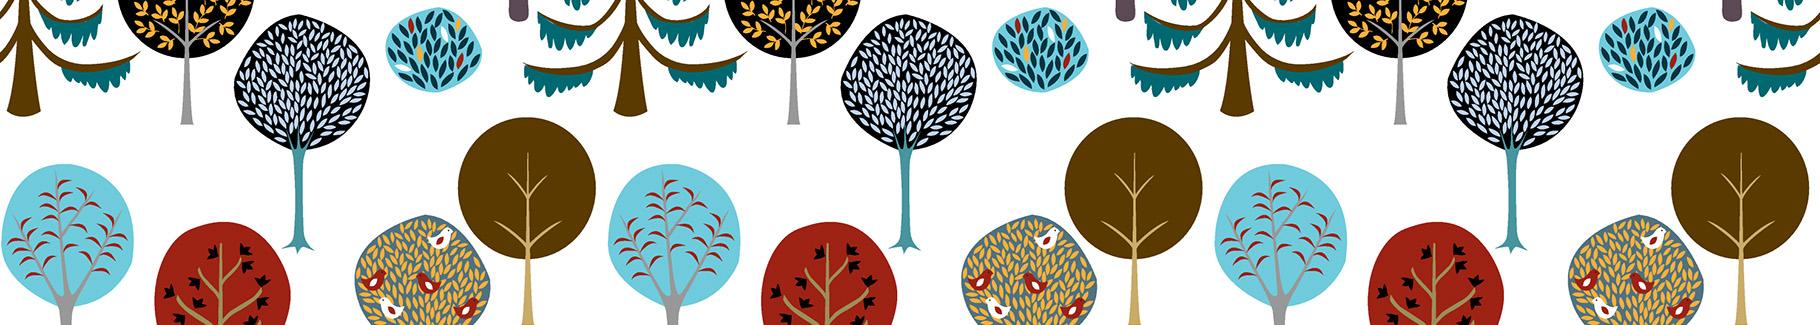 Tapeta jesienne drzewa